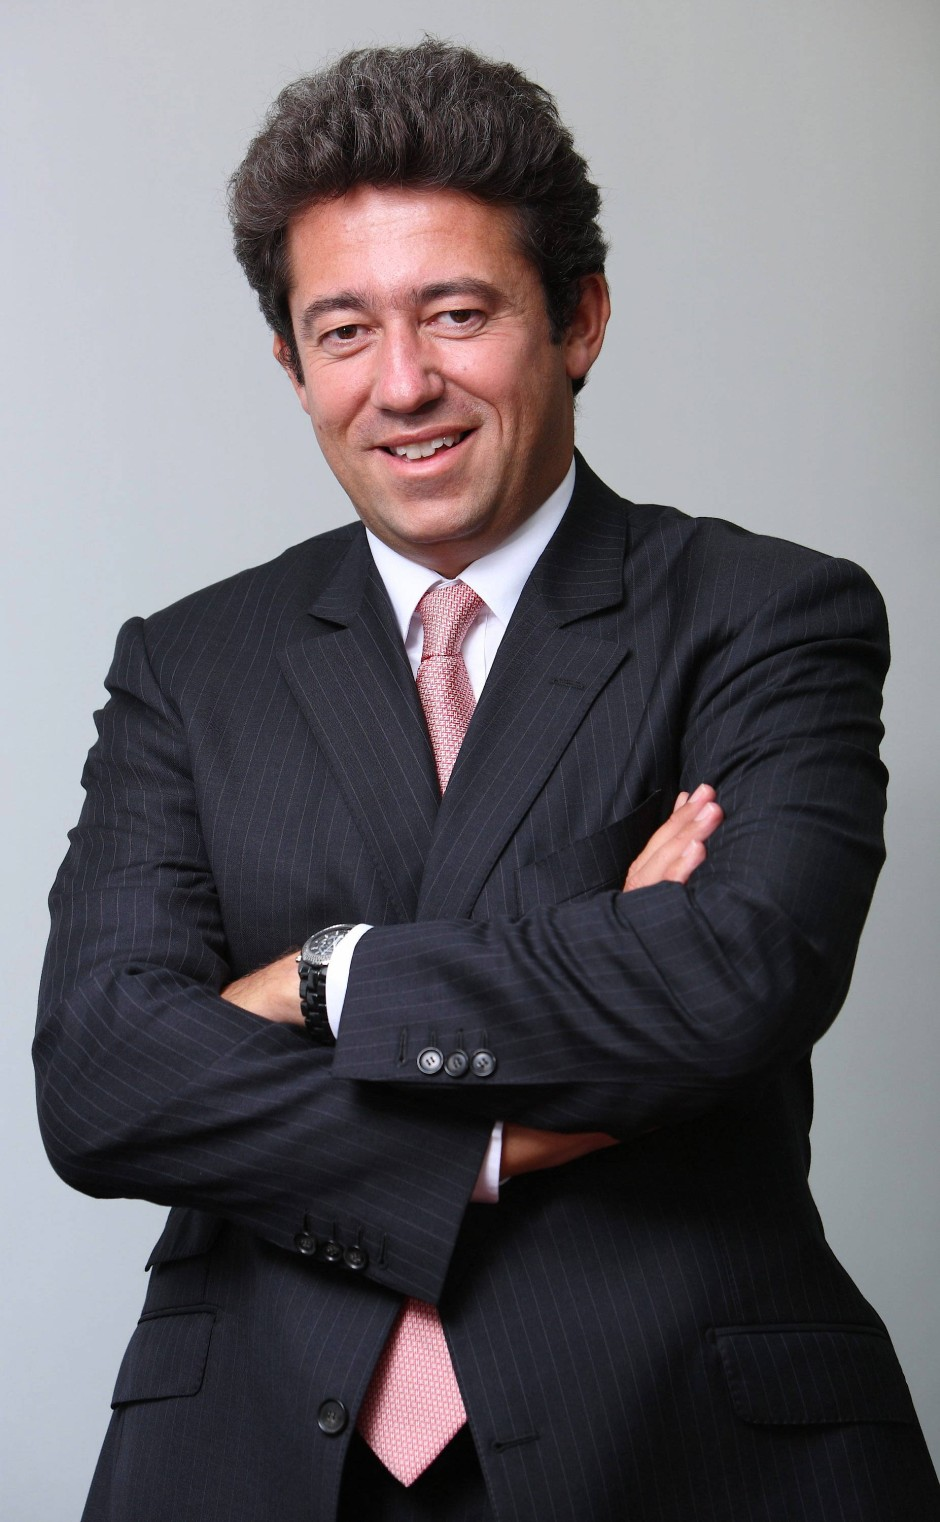 Charles-Edouard Bouée ist der erste nicht-deutsche Chef von Roland Berger.